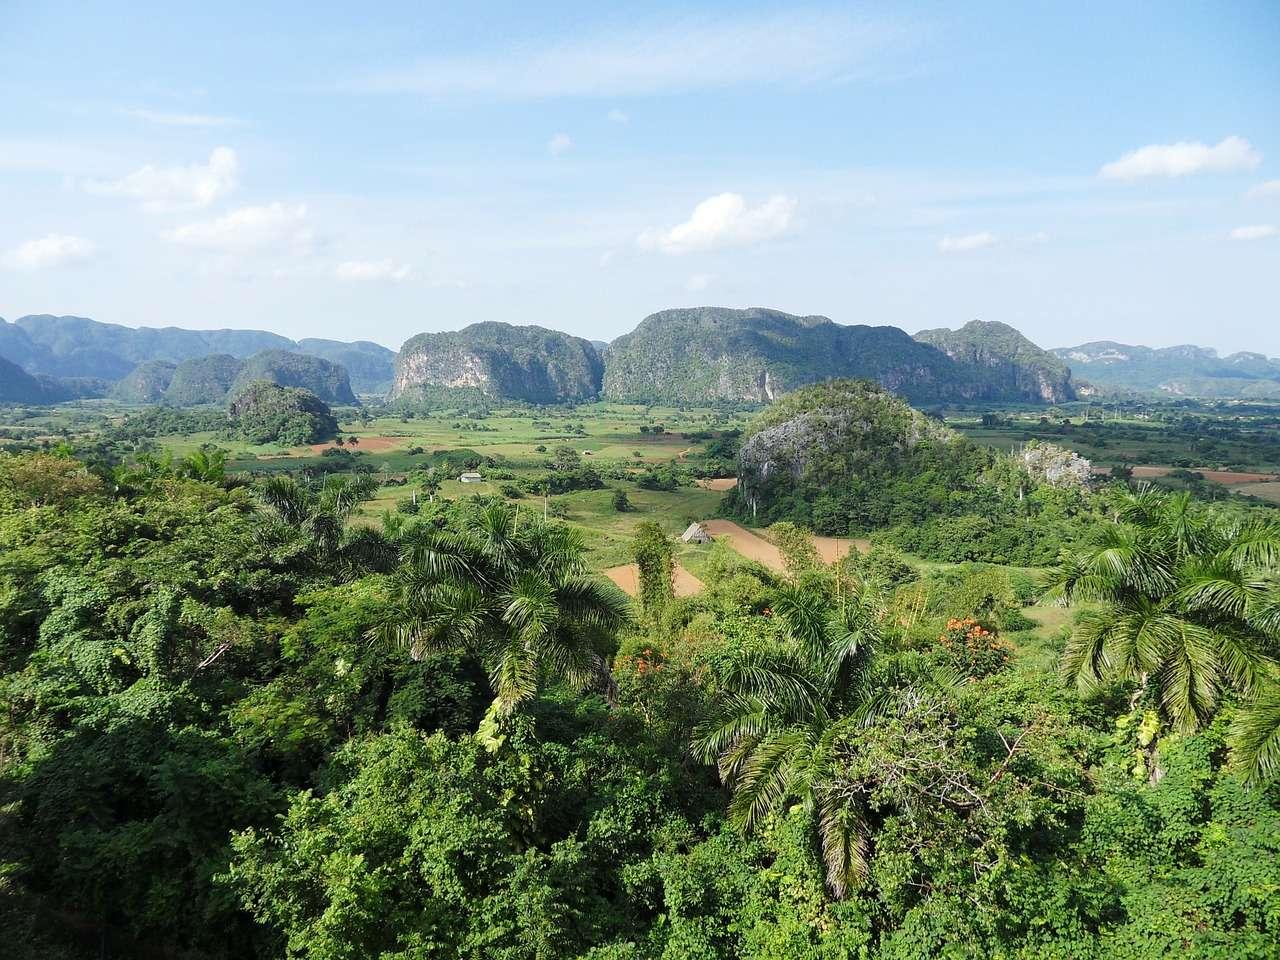 Cuba: landscape